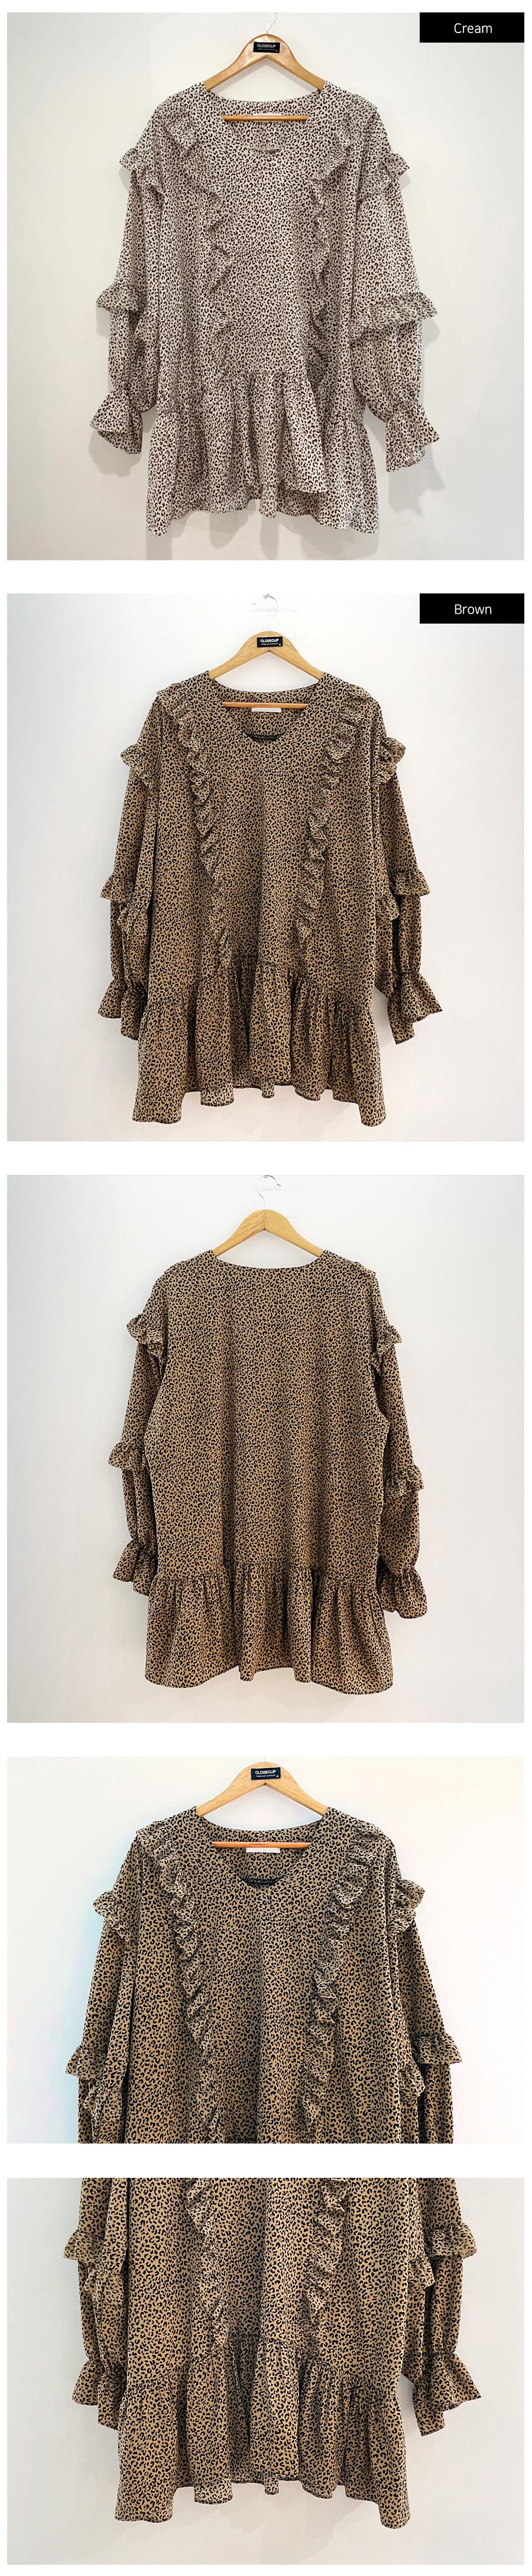 드레스 상품상세 이미지-S2L1